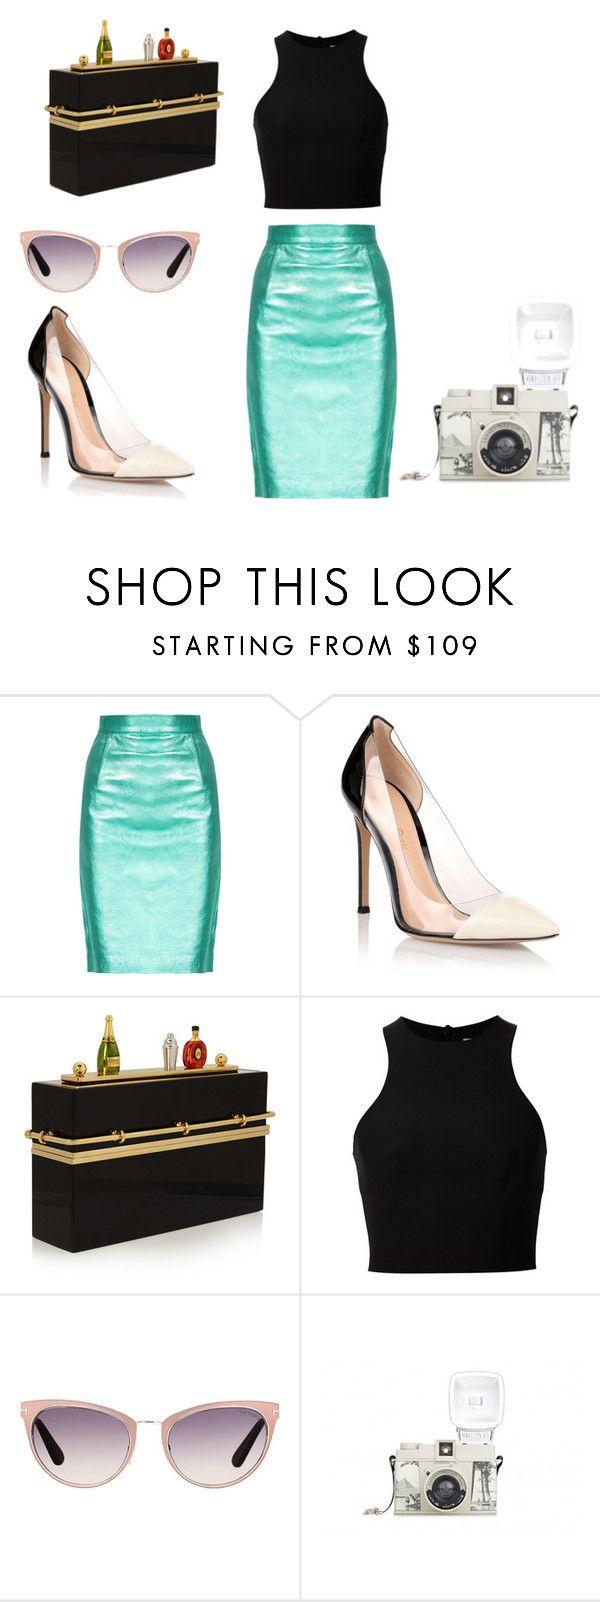 Un atuendo clásico pero al mismo  tiempo muy chit. Consiste en una falda tubo color verde metálico, con un top negro, unos zapatos picudos de color negro y crema y el toque especial una cartera de barra de bar.